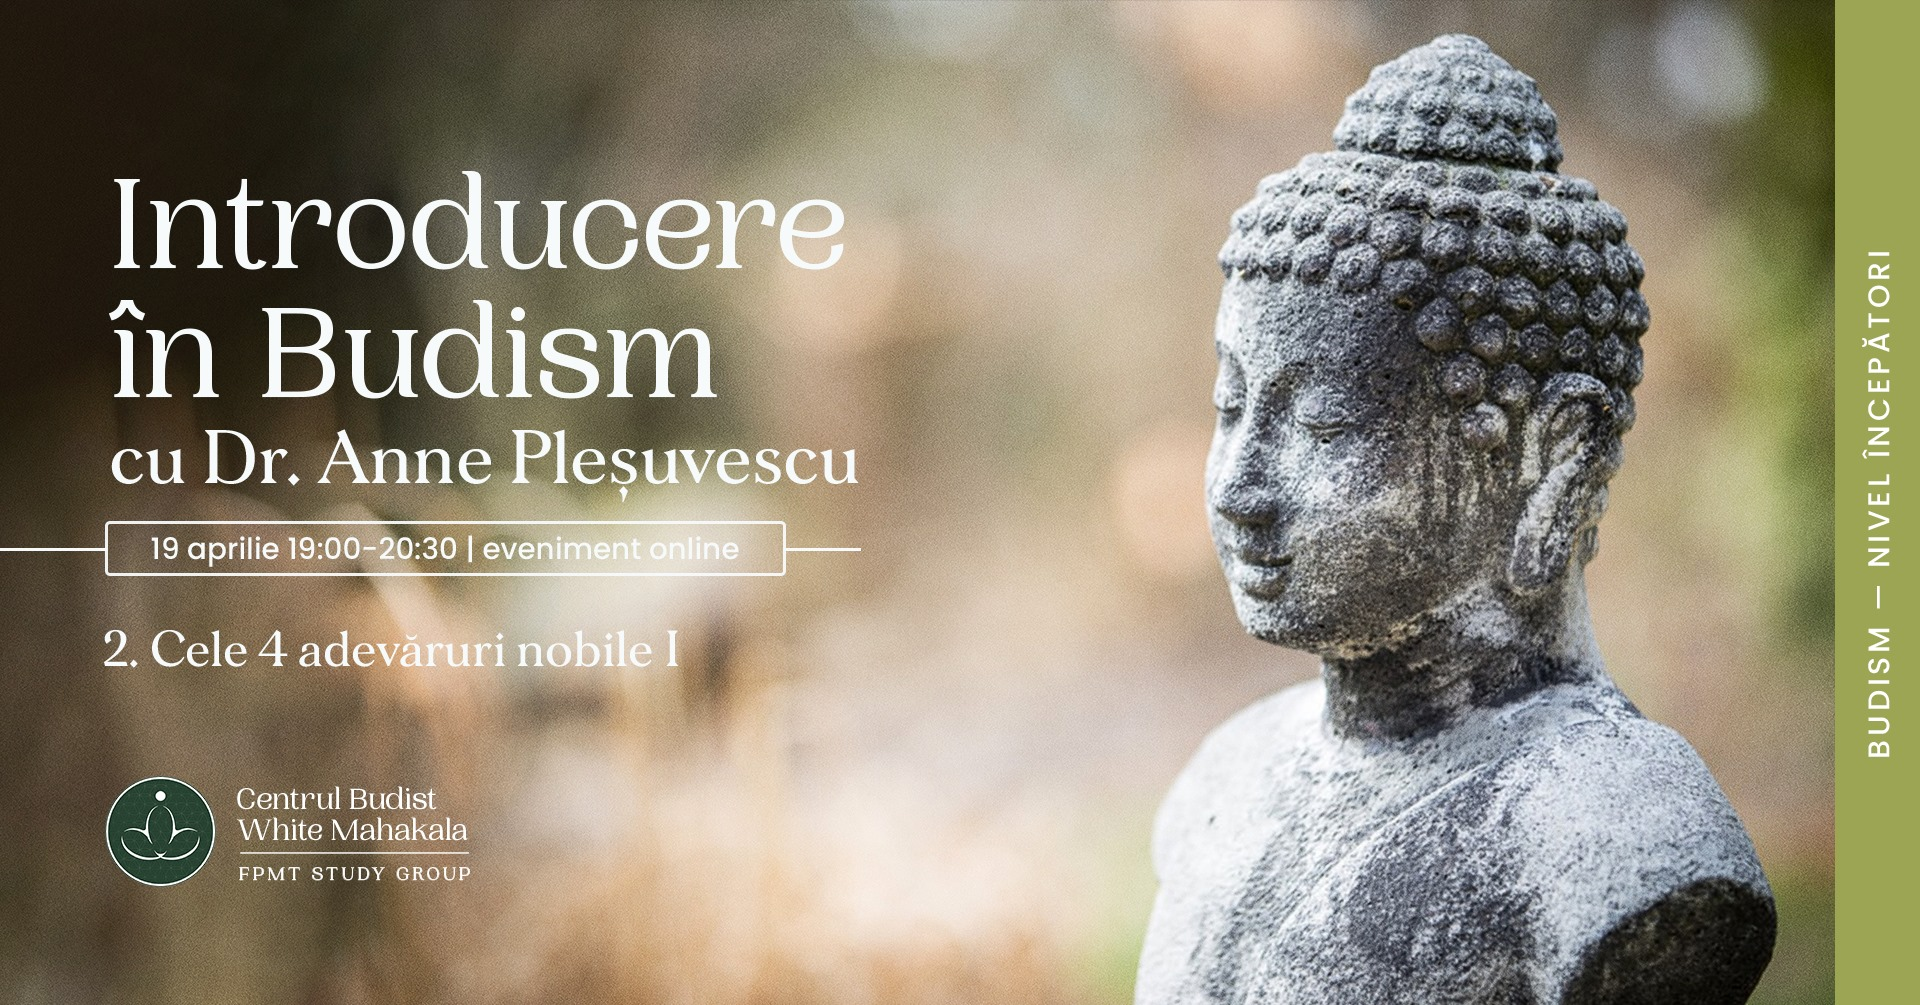 INTRODUCERE IN BUDISM- Cele 4 adevăruri nobile (I)I